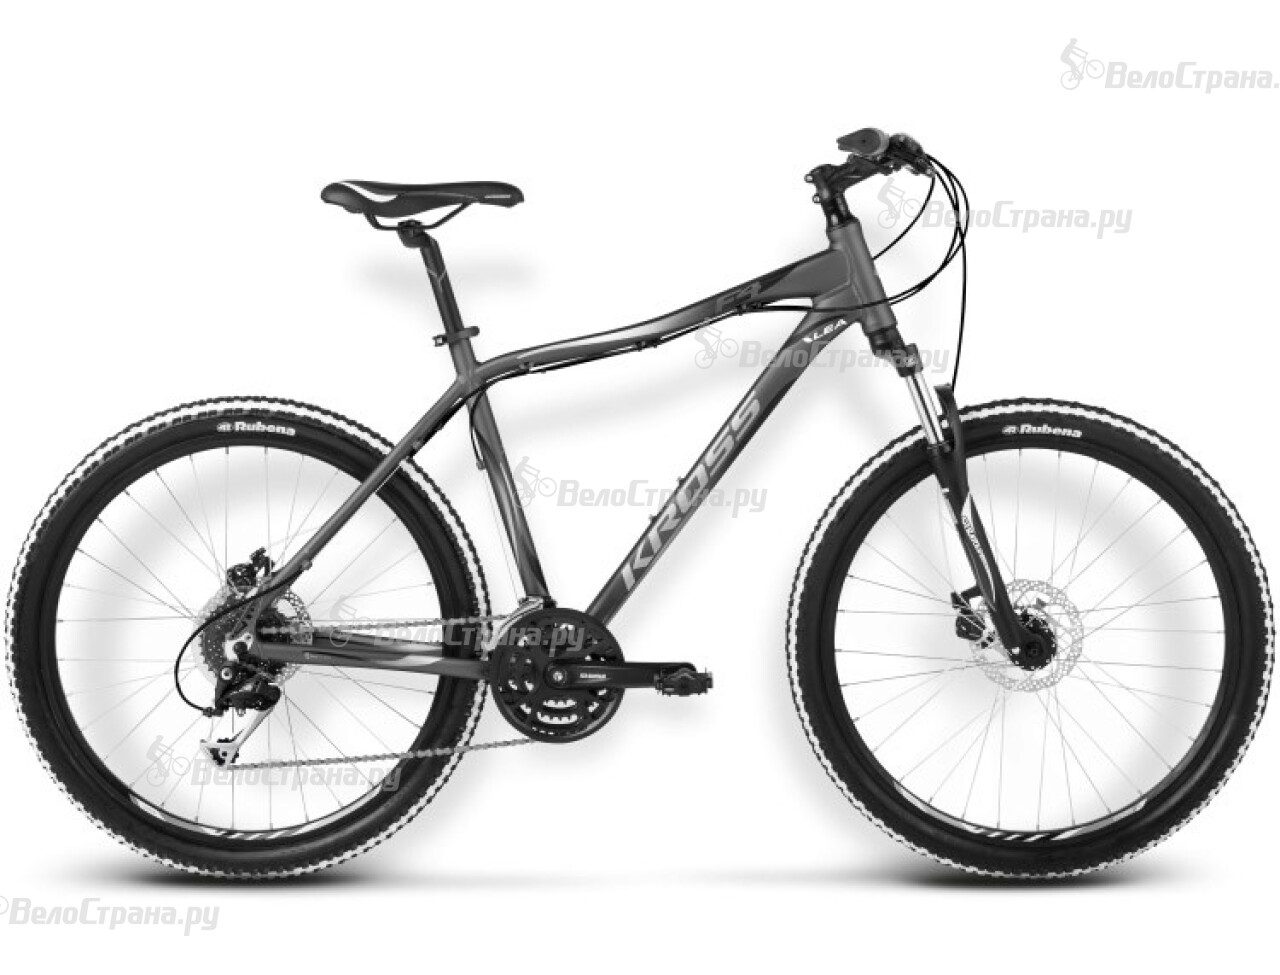 Велосипед Kross Lea F4 (2015) велосипед kross lea replica 2017